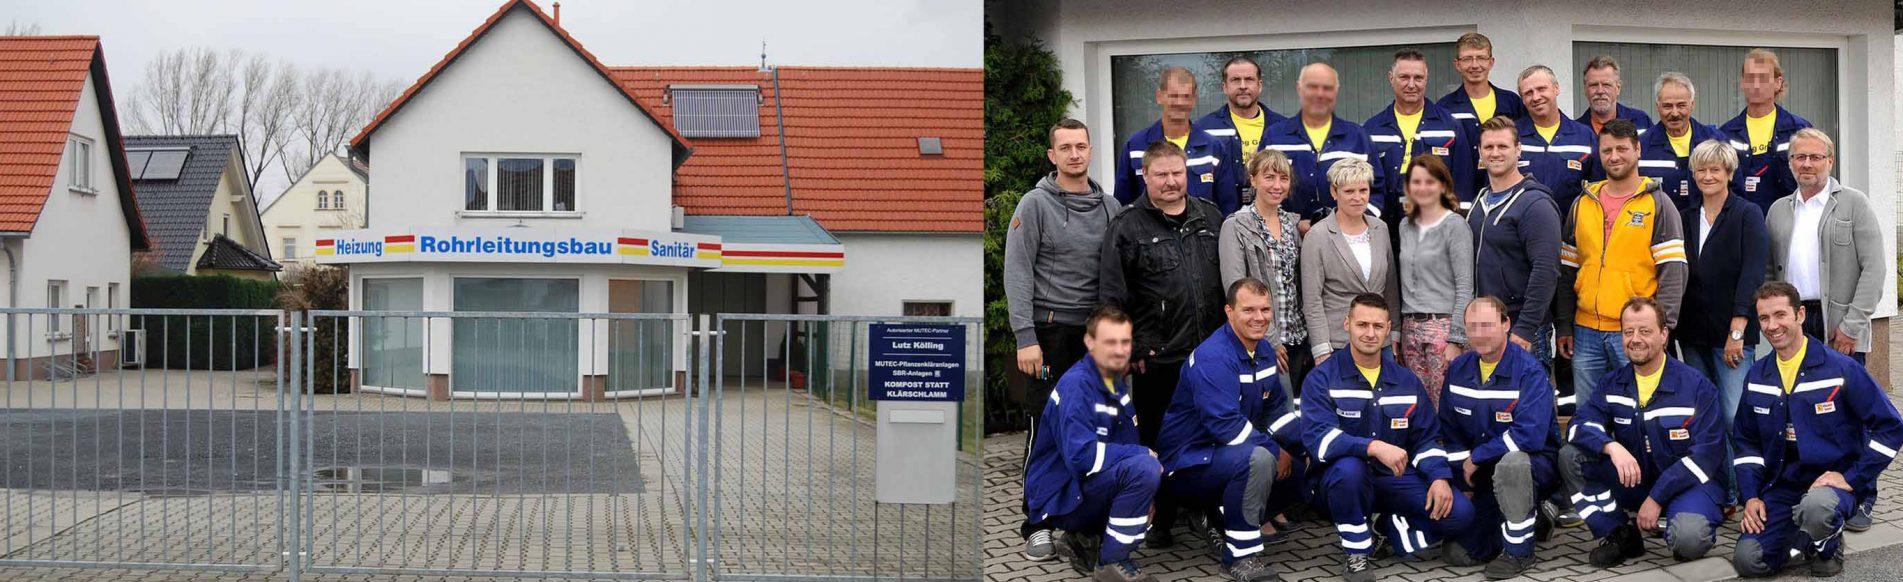 Team Kölling